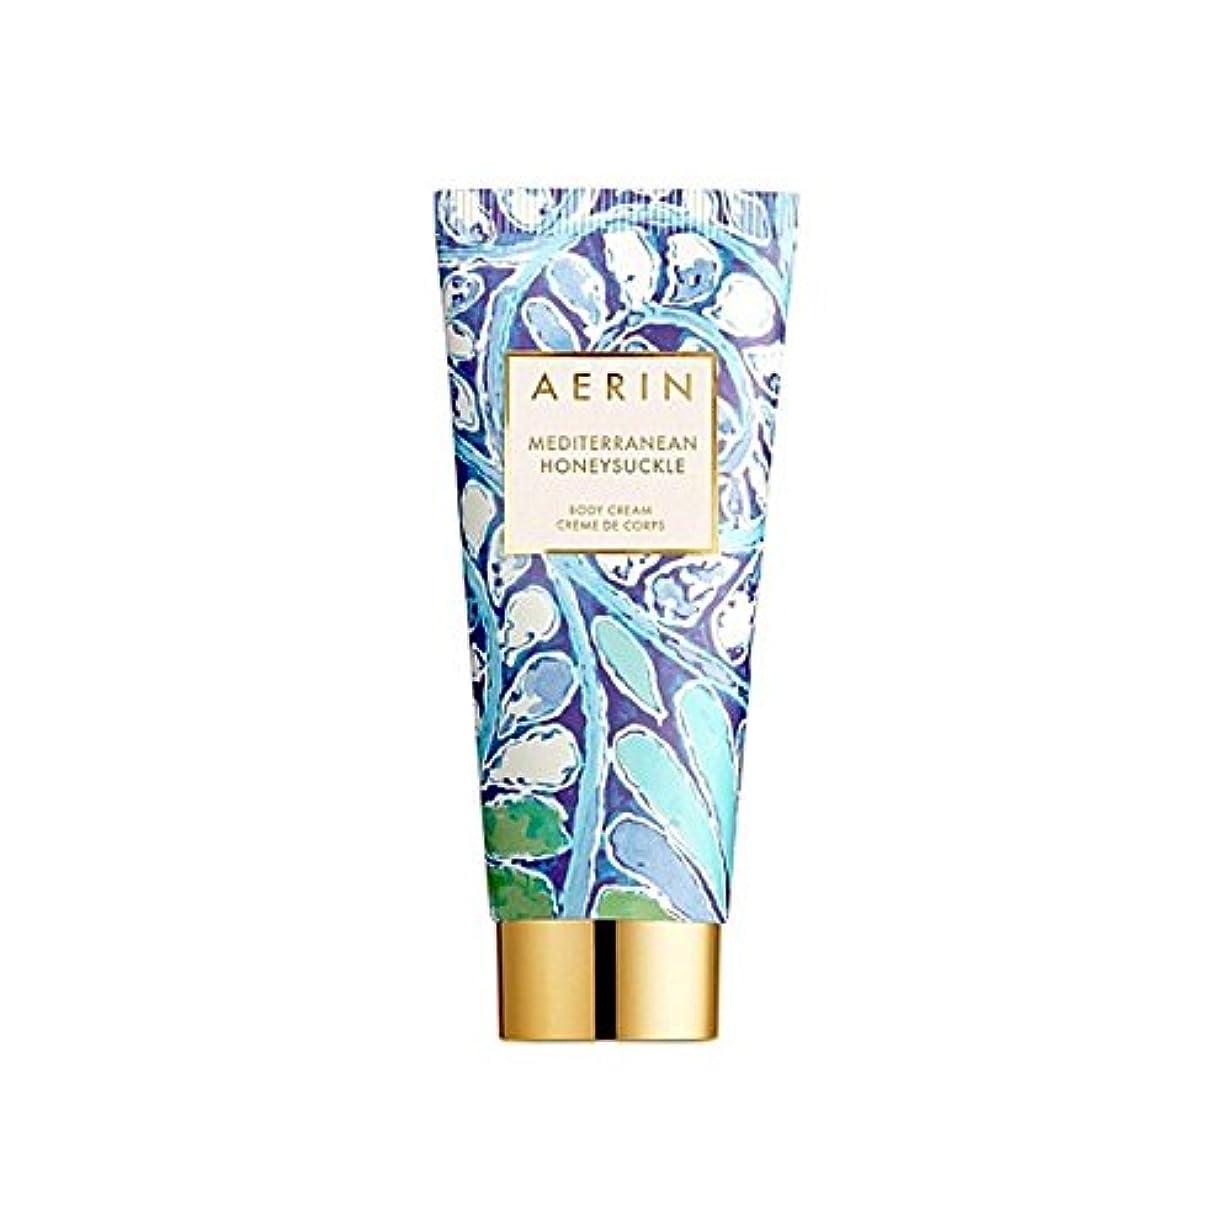 びっくりする導出何もないAerin Mediterrenean Honeysuckle Body Cream 150ml (Pack of 6) - スイカズラボディクリーム150ミリリットル x6 [並行輸入品]